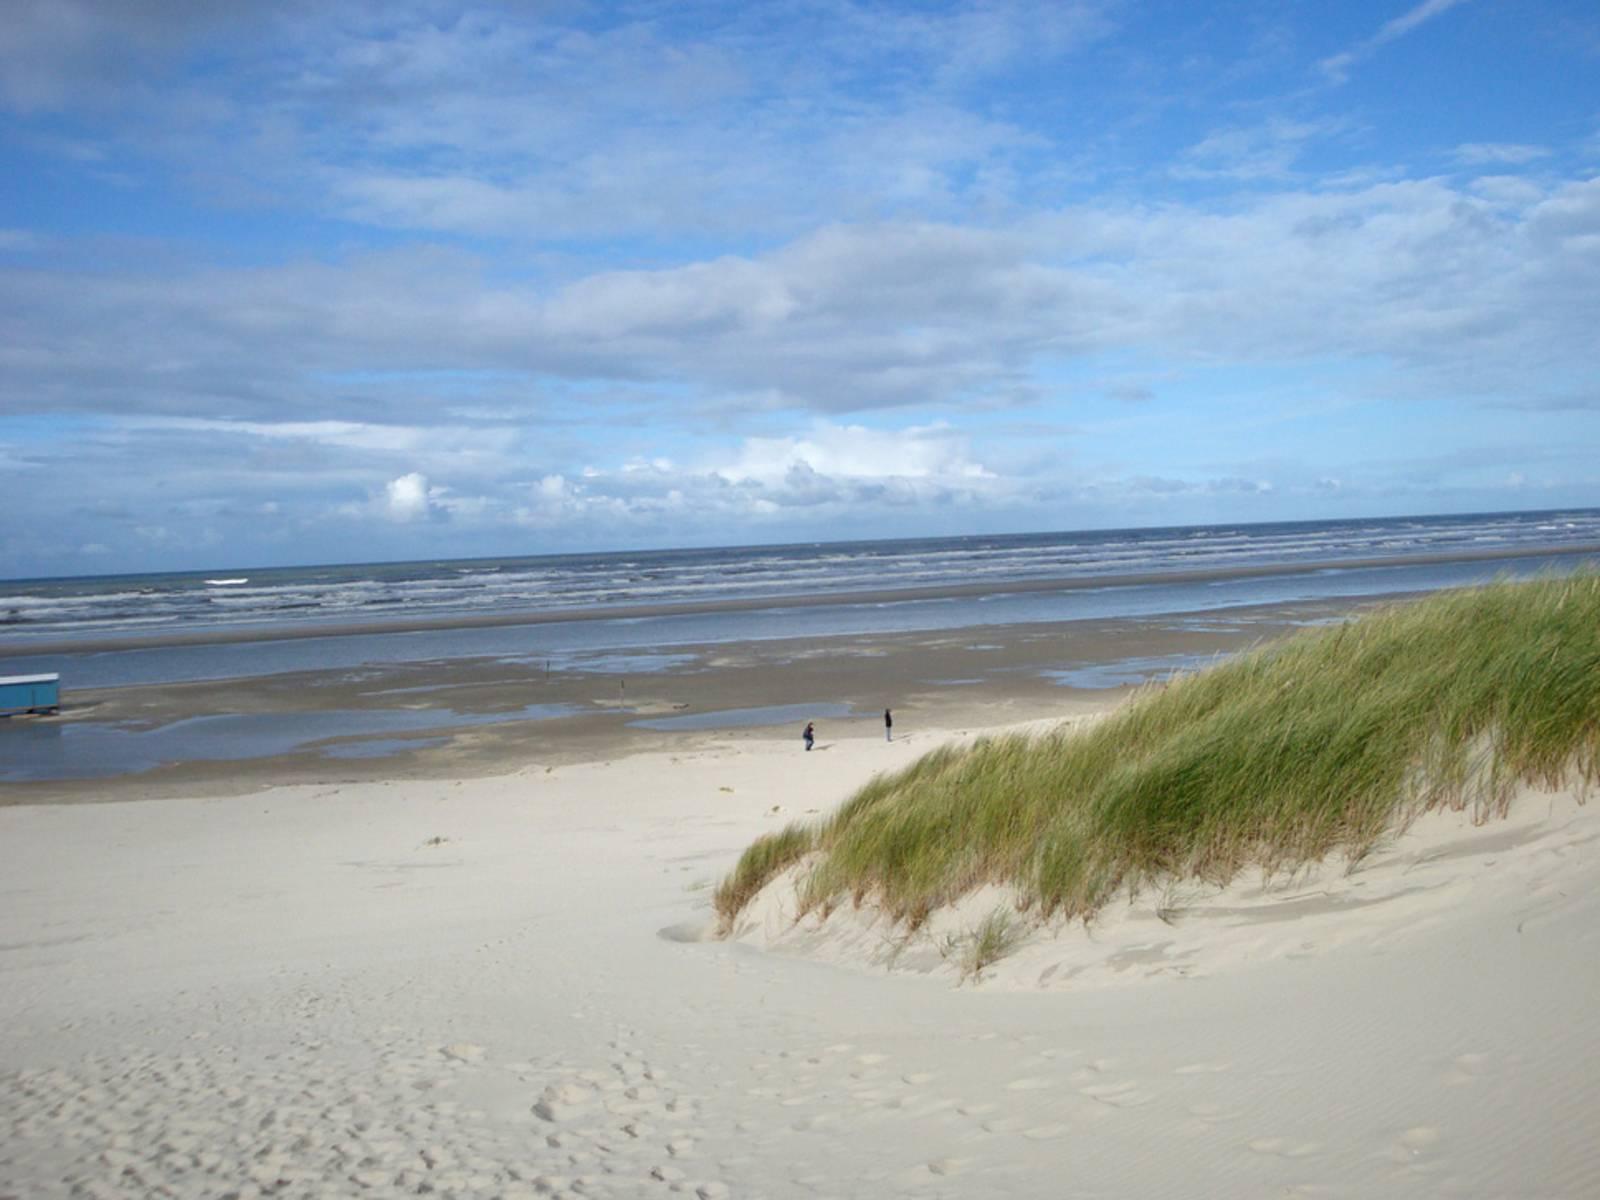 Am Strand von Juist im September